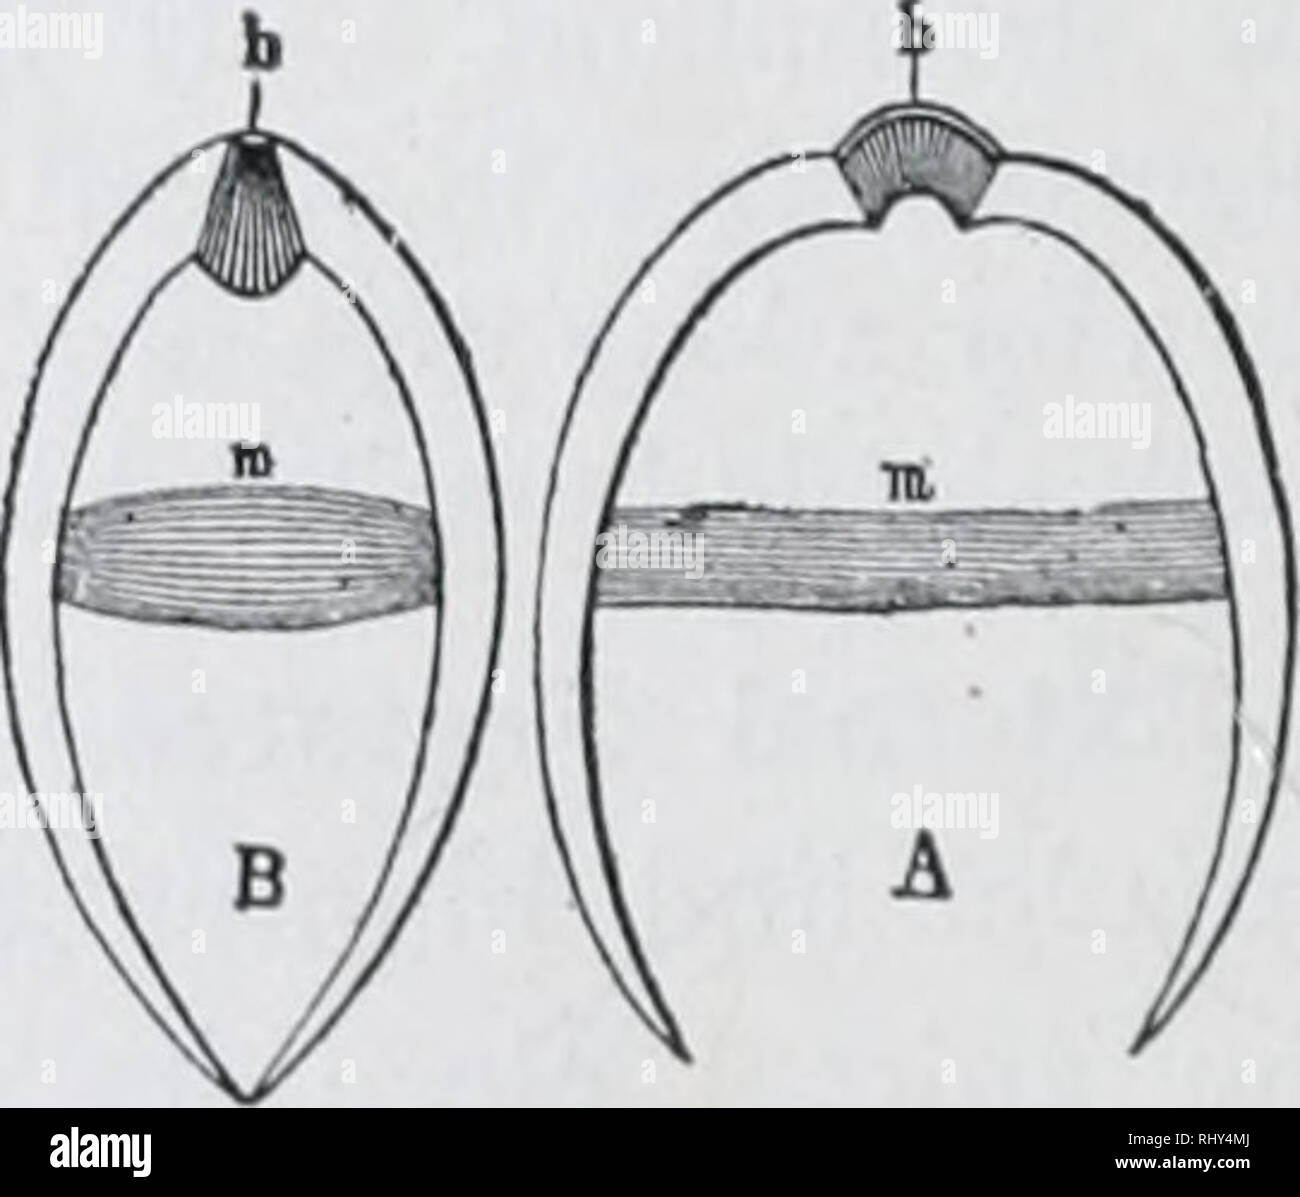 Beginners zoology  Zoology  Fig  i88 - - Anodon, or fresh